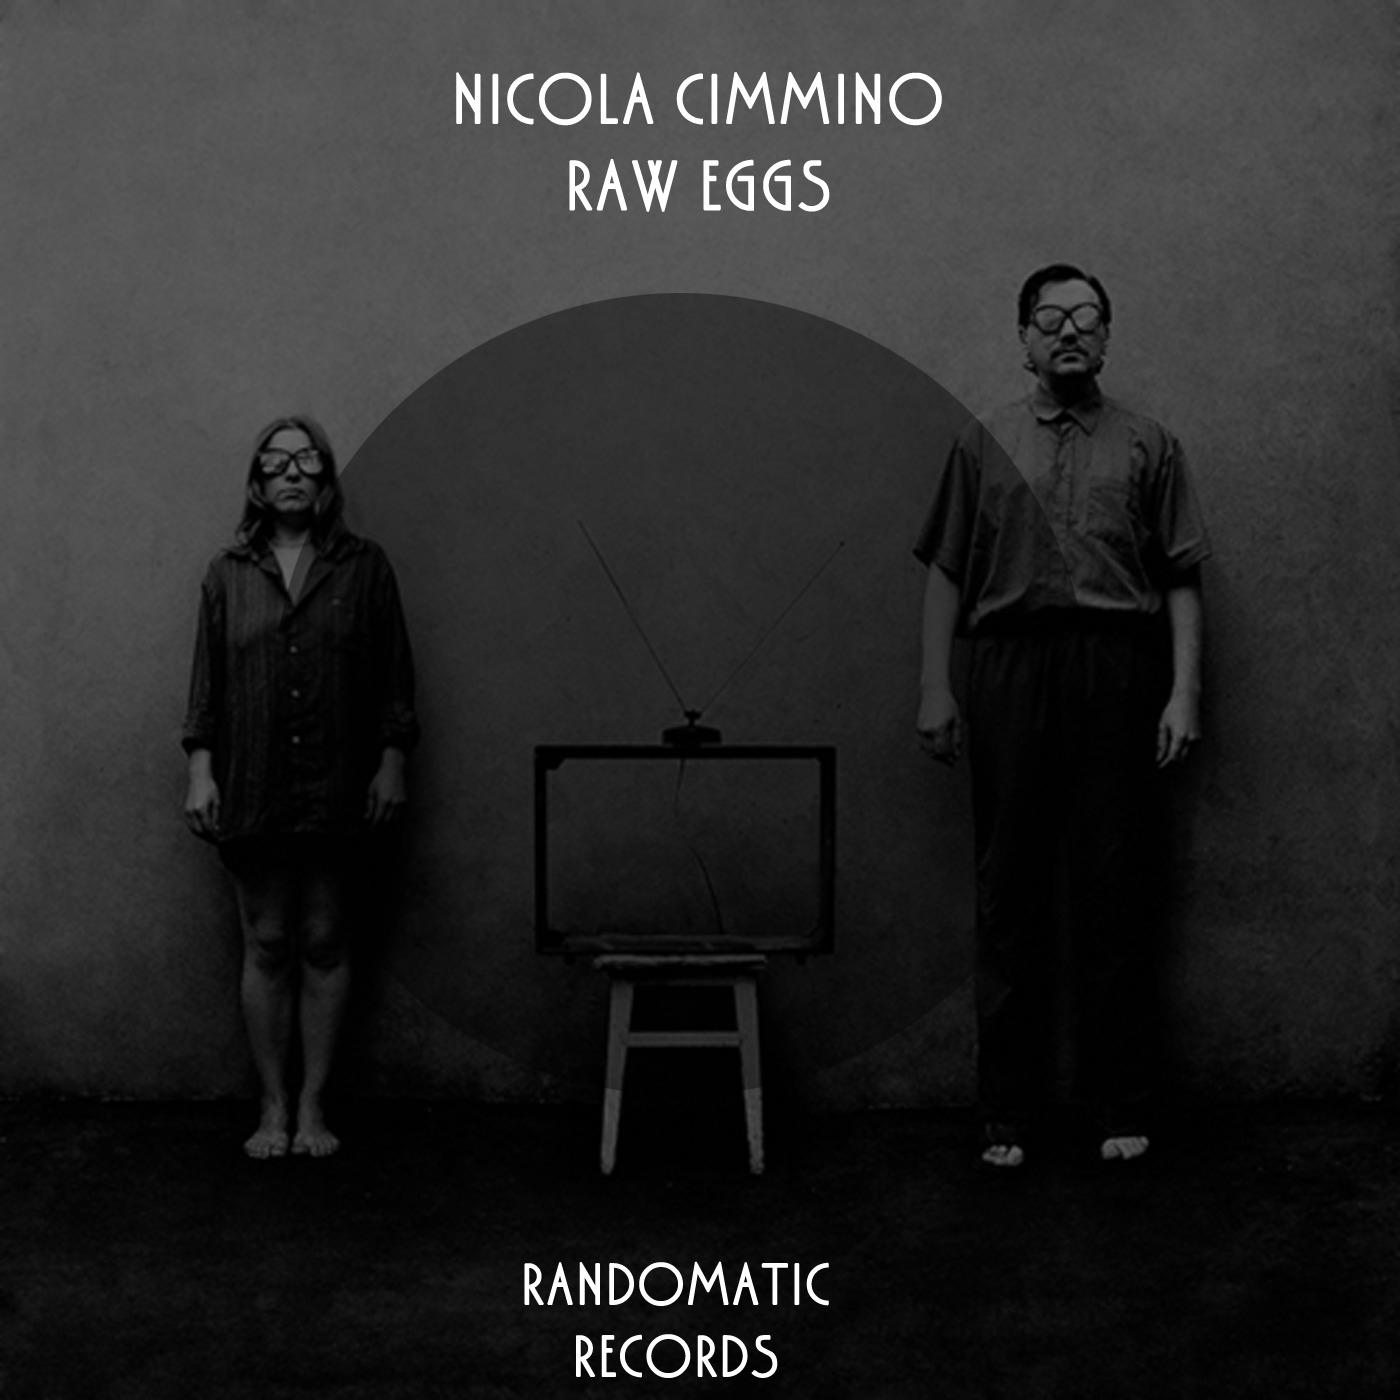 Nicola Cimmino - Berlin Acid Campus (Original mix)